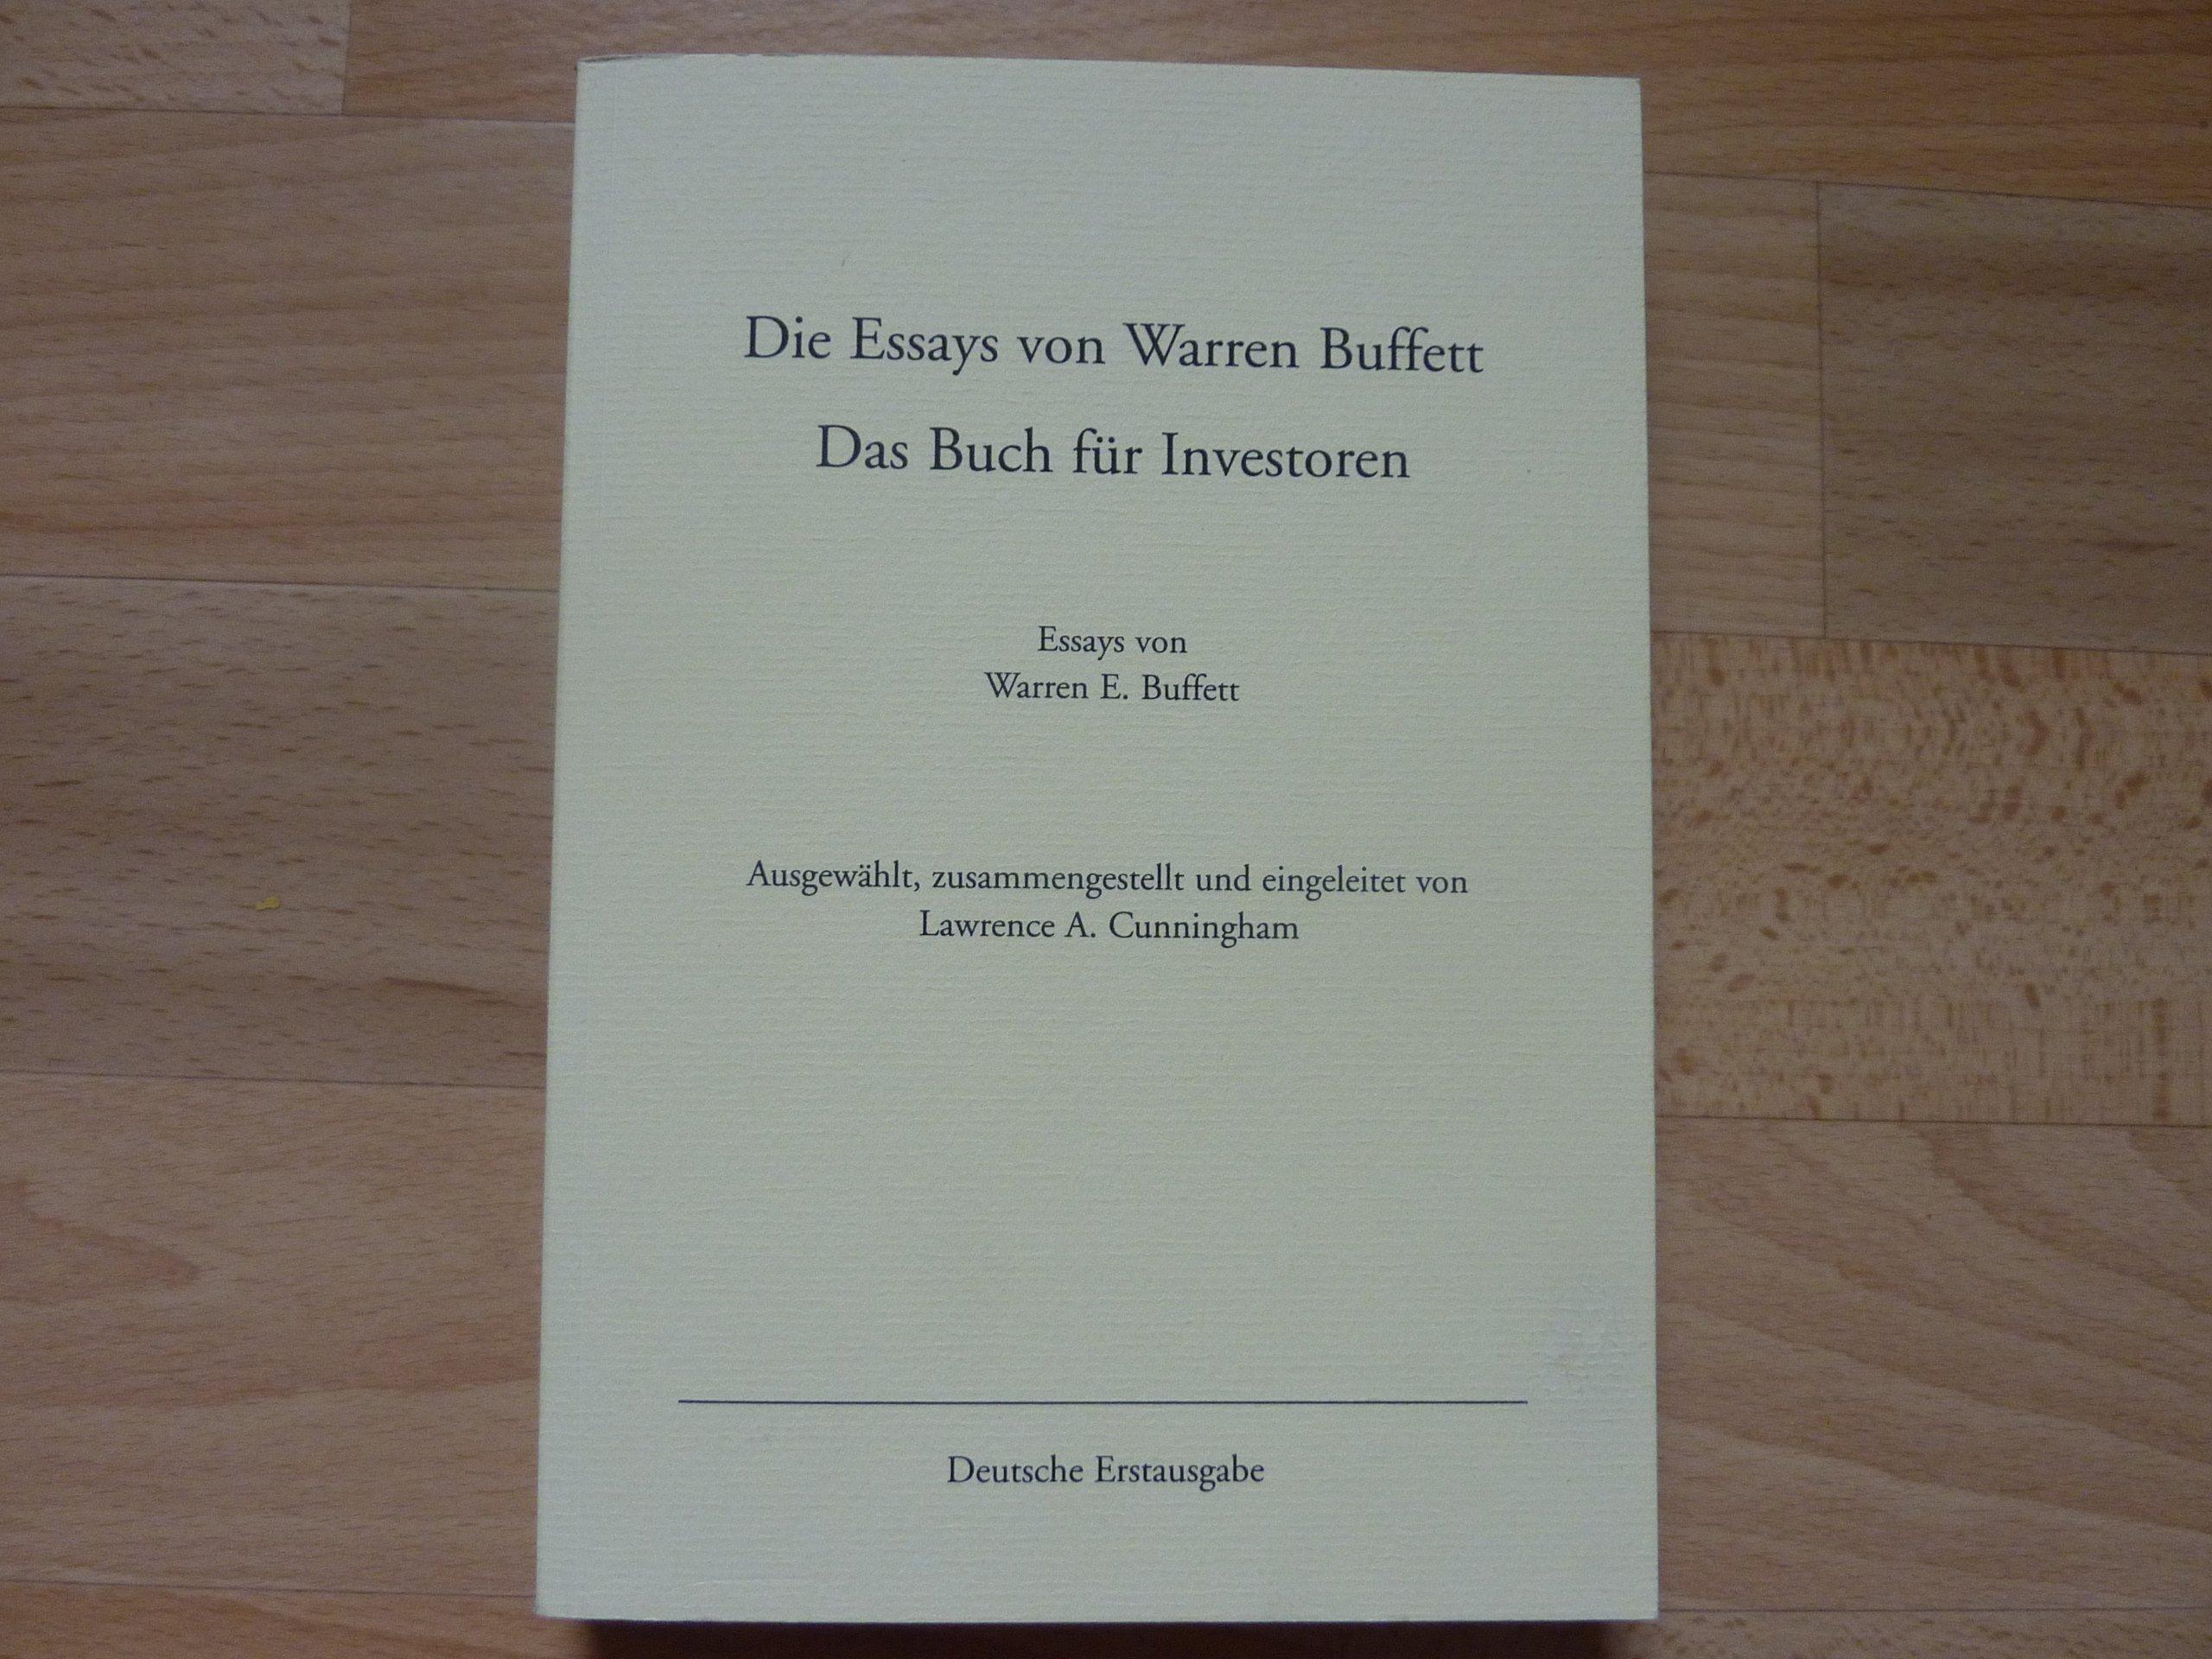 010 9152otplypl Essay Example Die Essays Von Warren Archaicawful Buffett Pdf Full